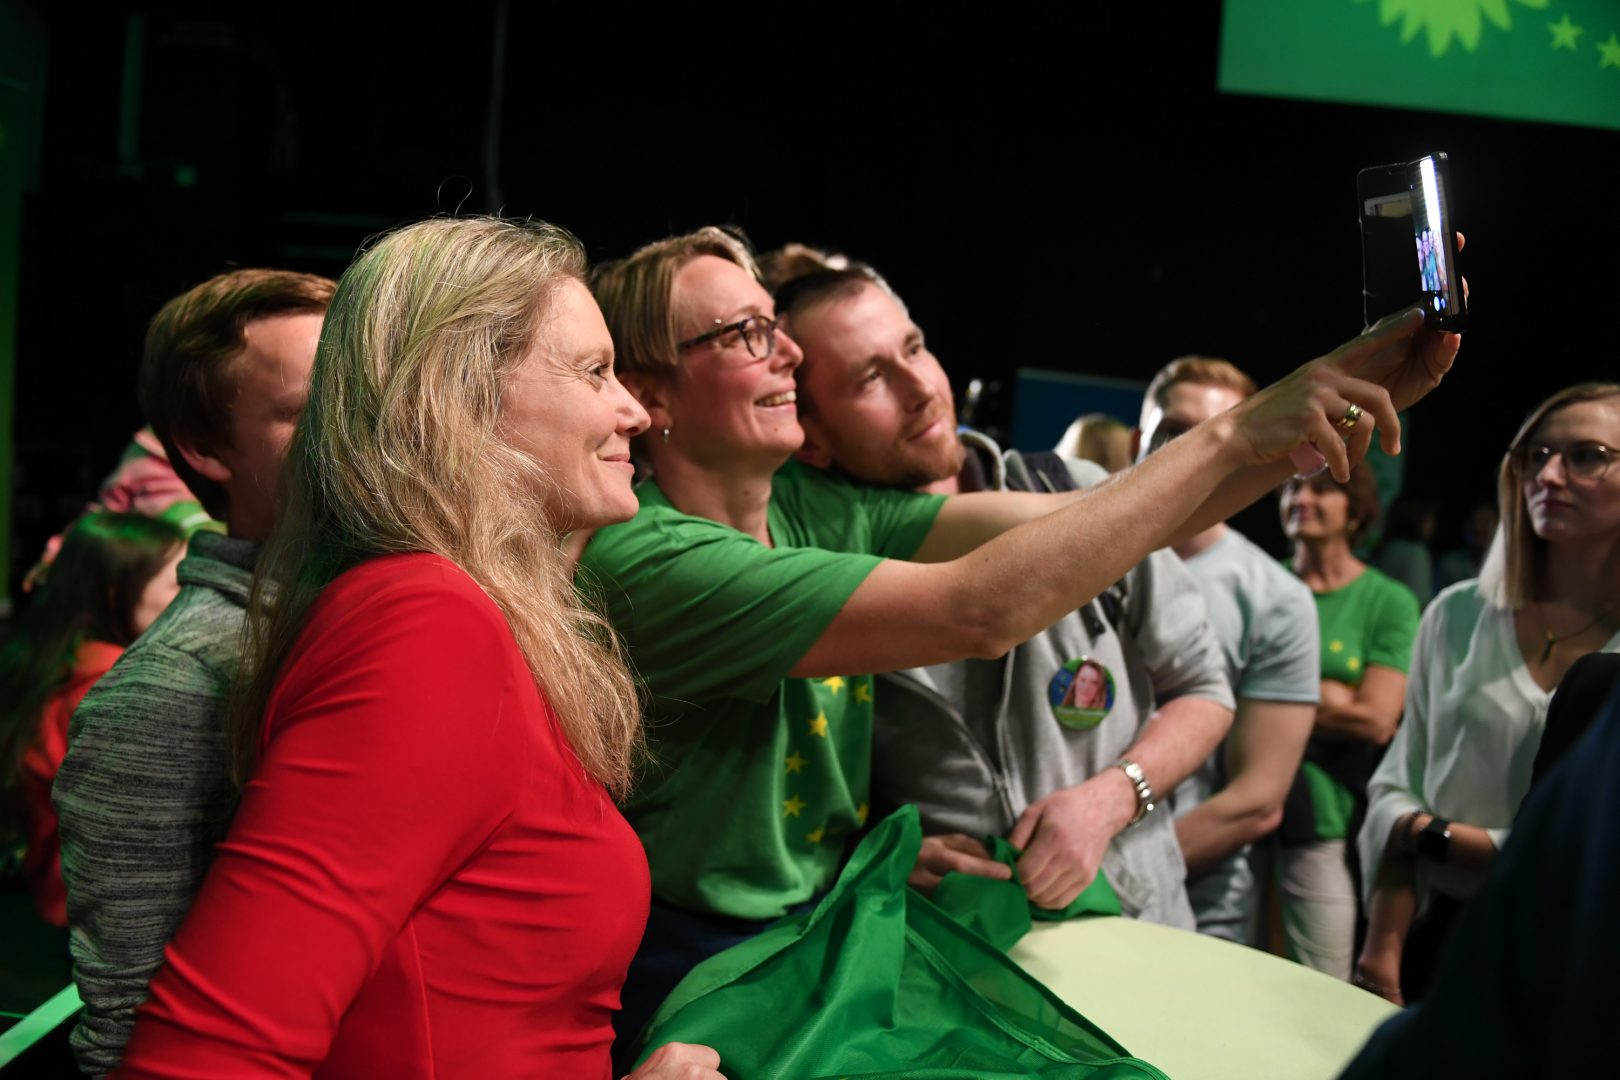 Grüne Mitglieder möchten ein Selfie mit Henrike Hahn aufnehmen